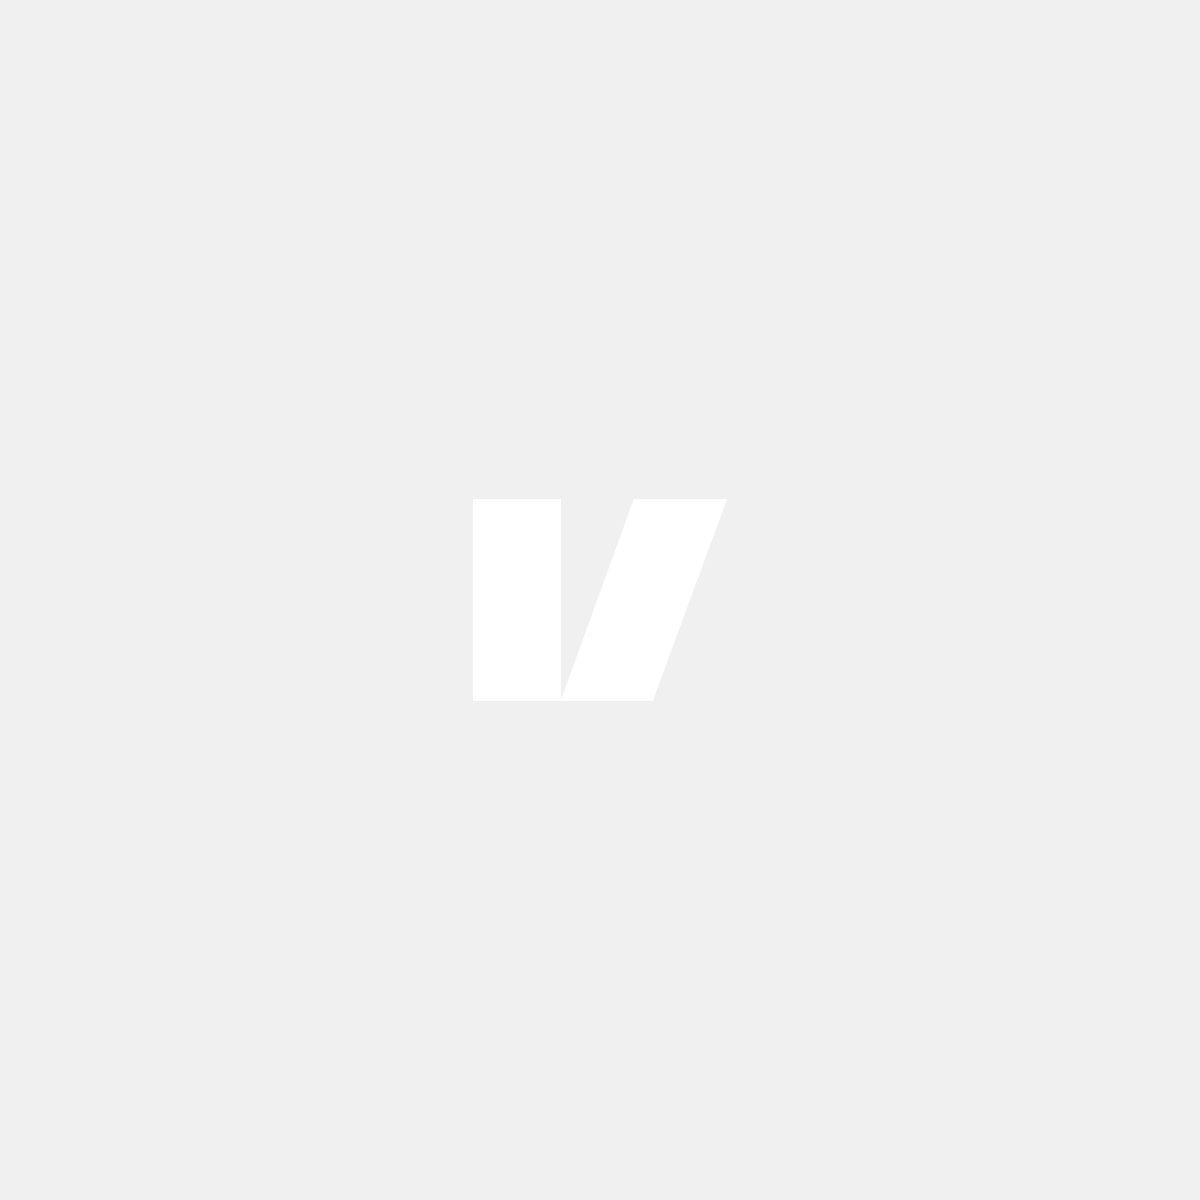 Tändlåsram i mattkrom till Volvo S80, V70, XC70